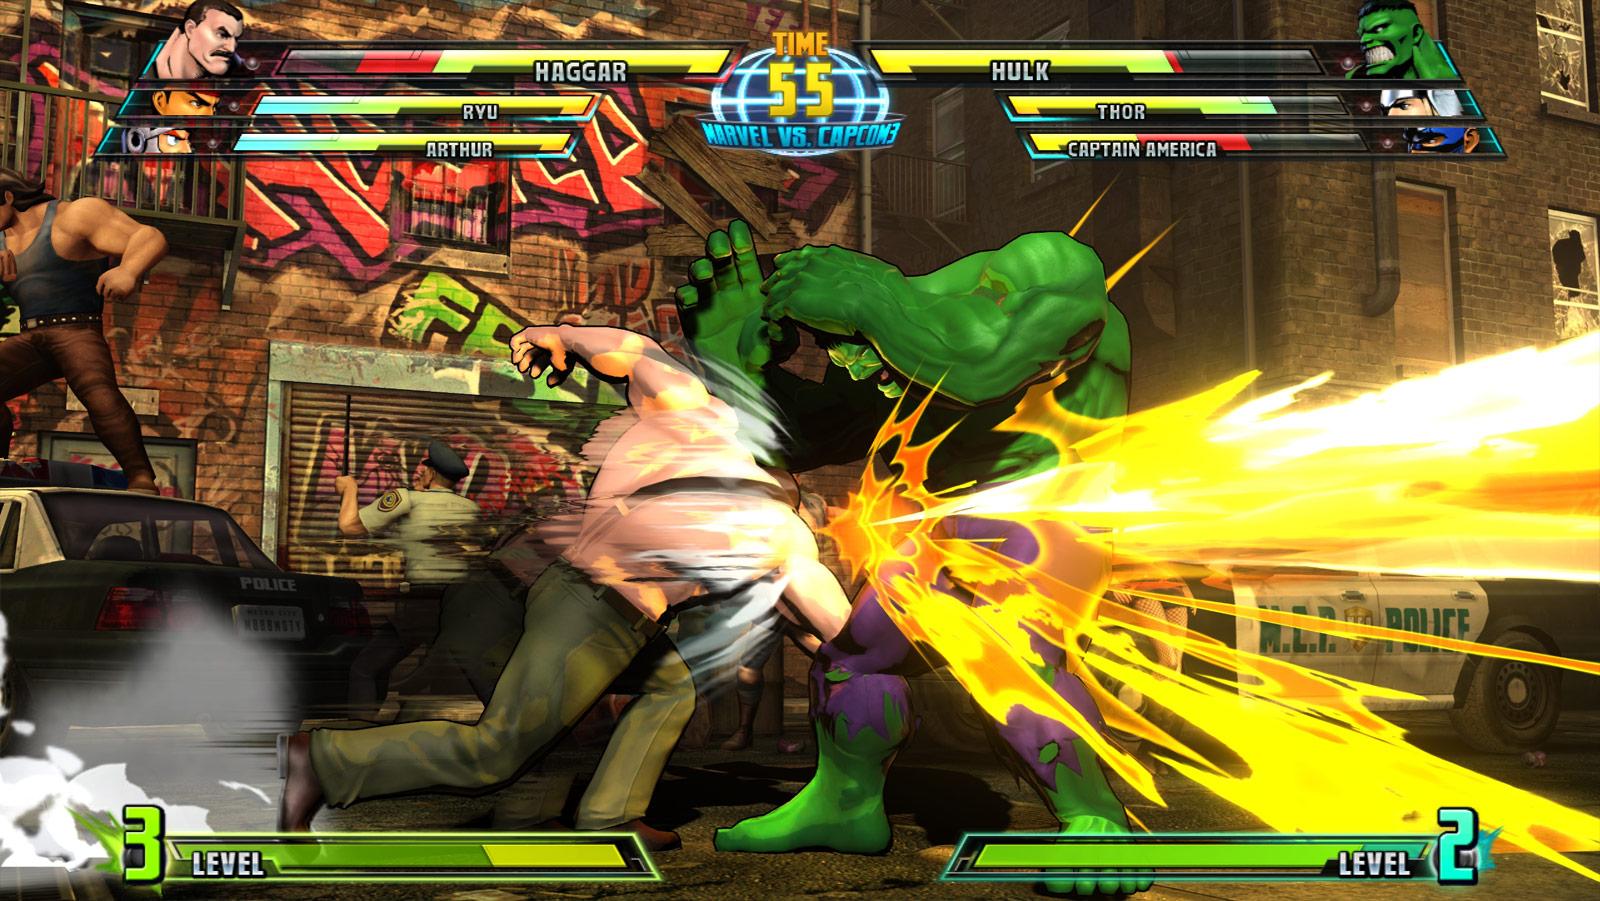 Phoenix and Haggar screen shots for Marvel vs. Capcom 3 #9